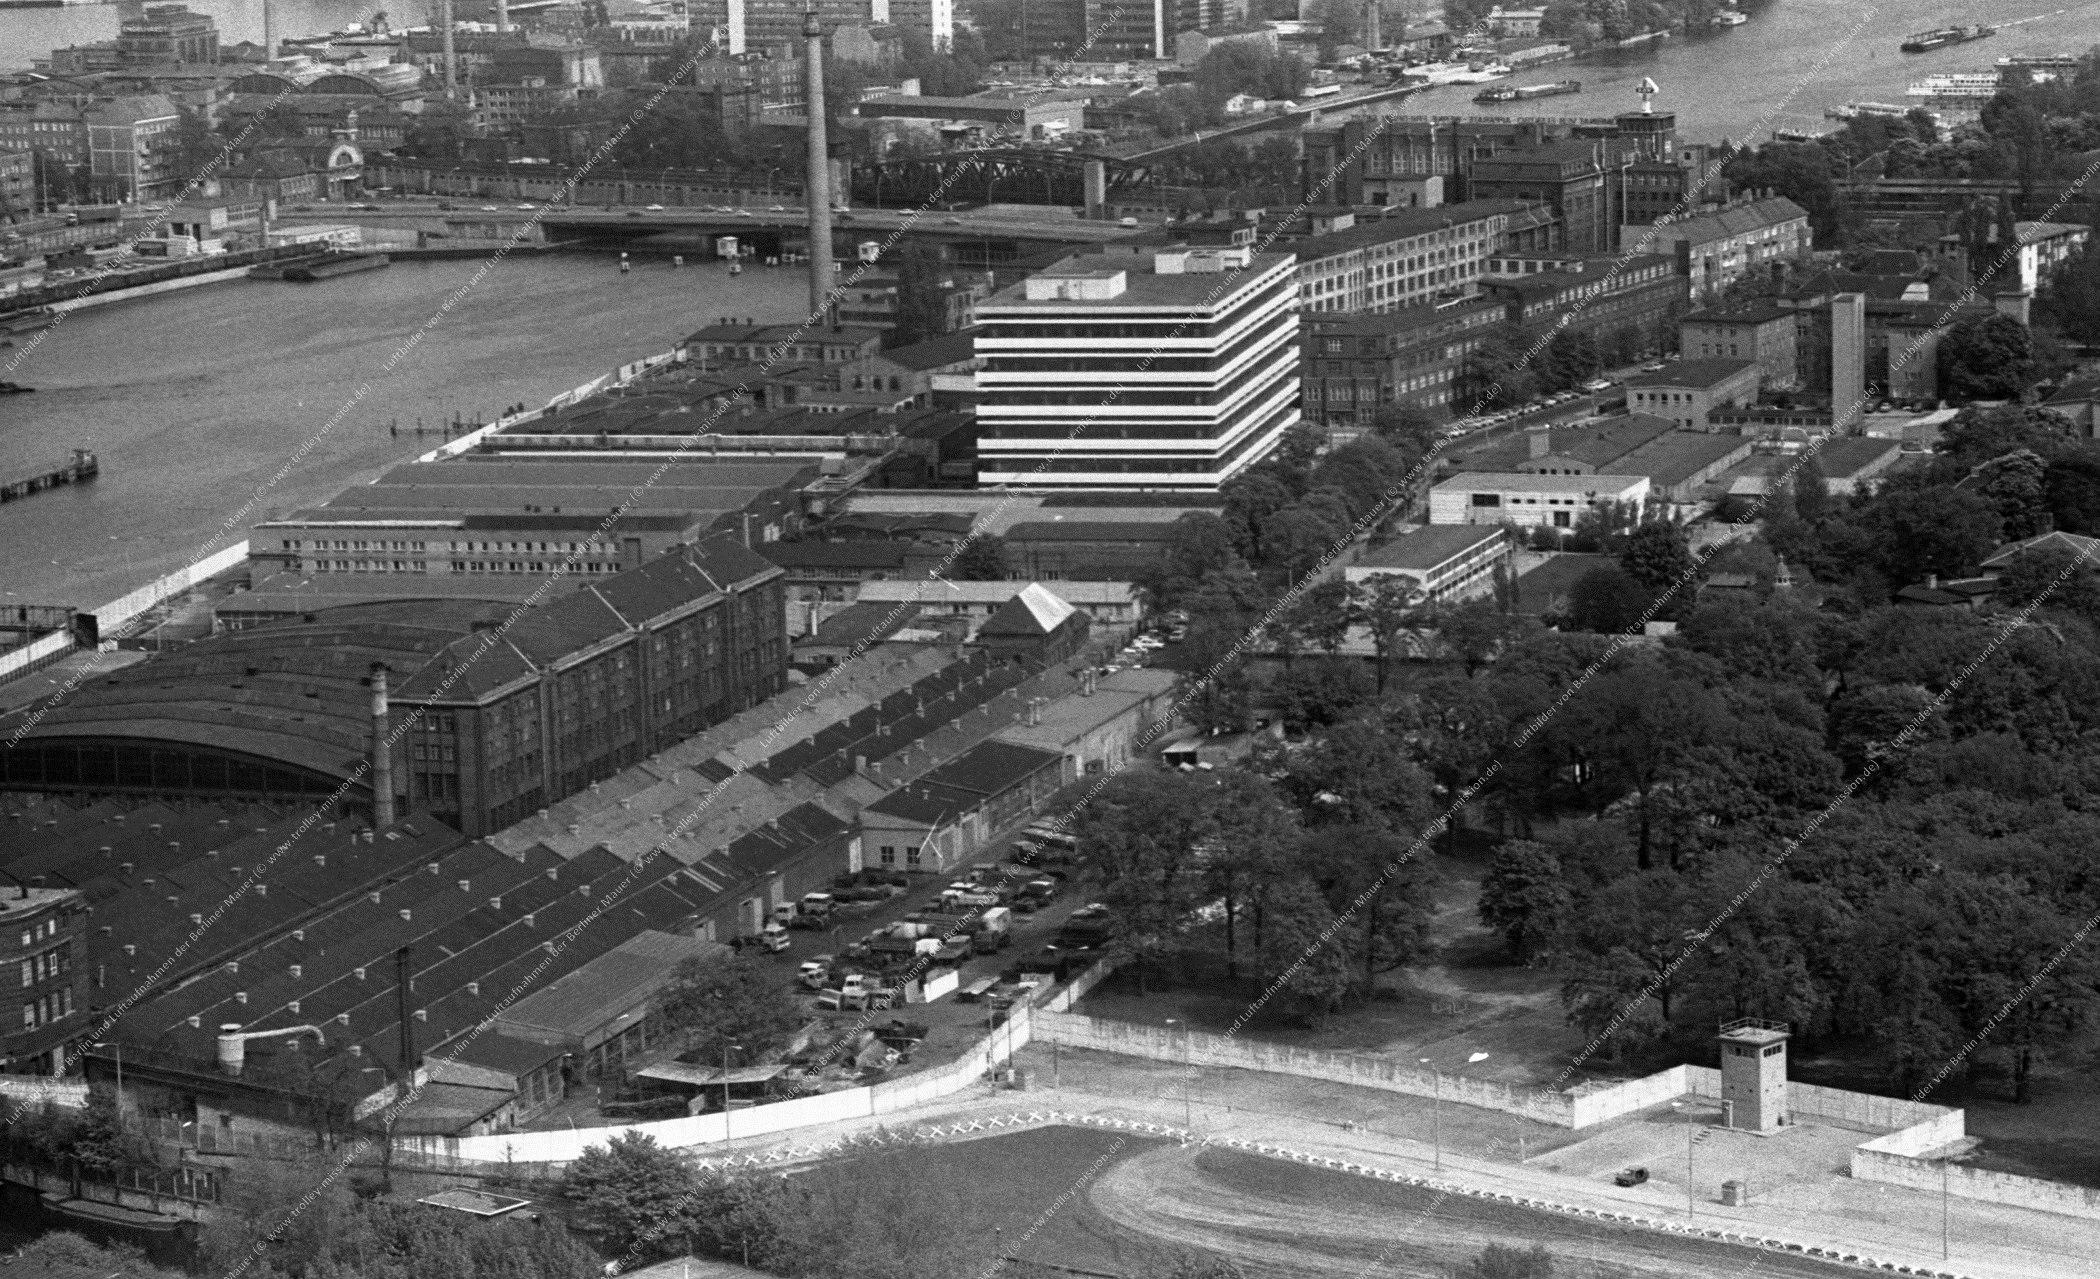 Luftbild der Grenzanlagen hinter der Lohmühleninsel in Ost-Berlin vom 12. Mai 1982 (Bild 108)